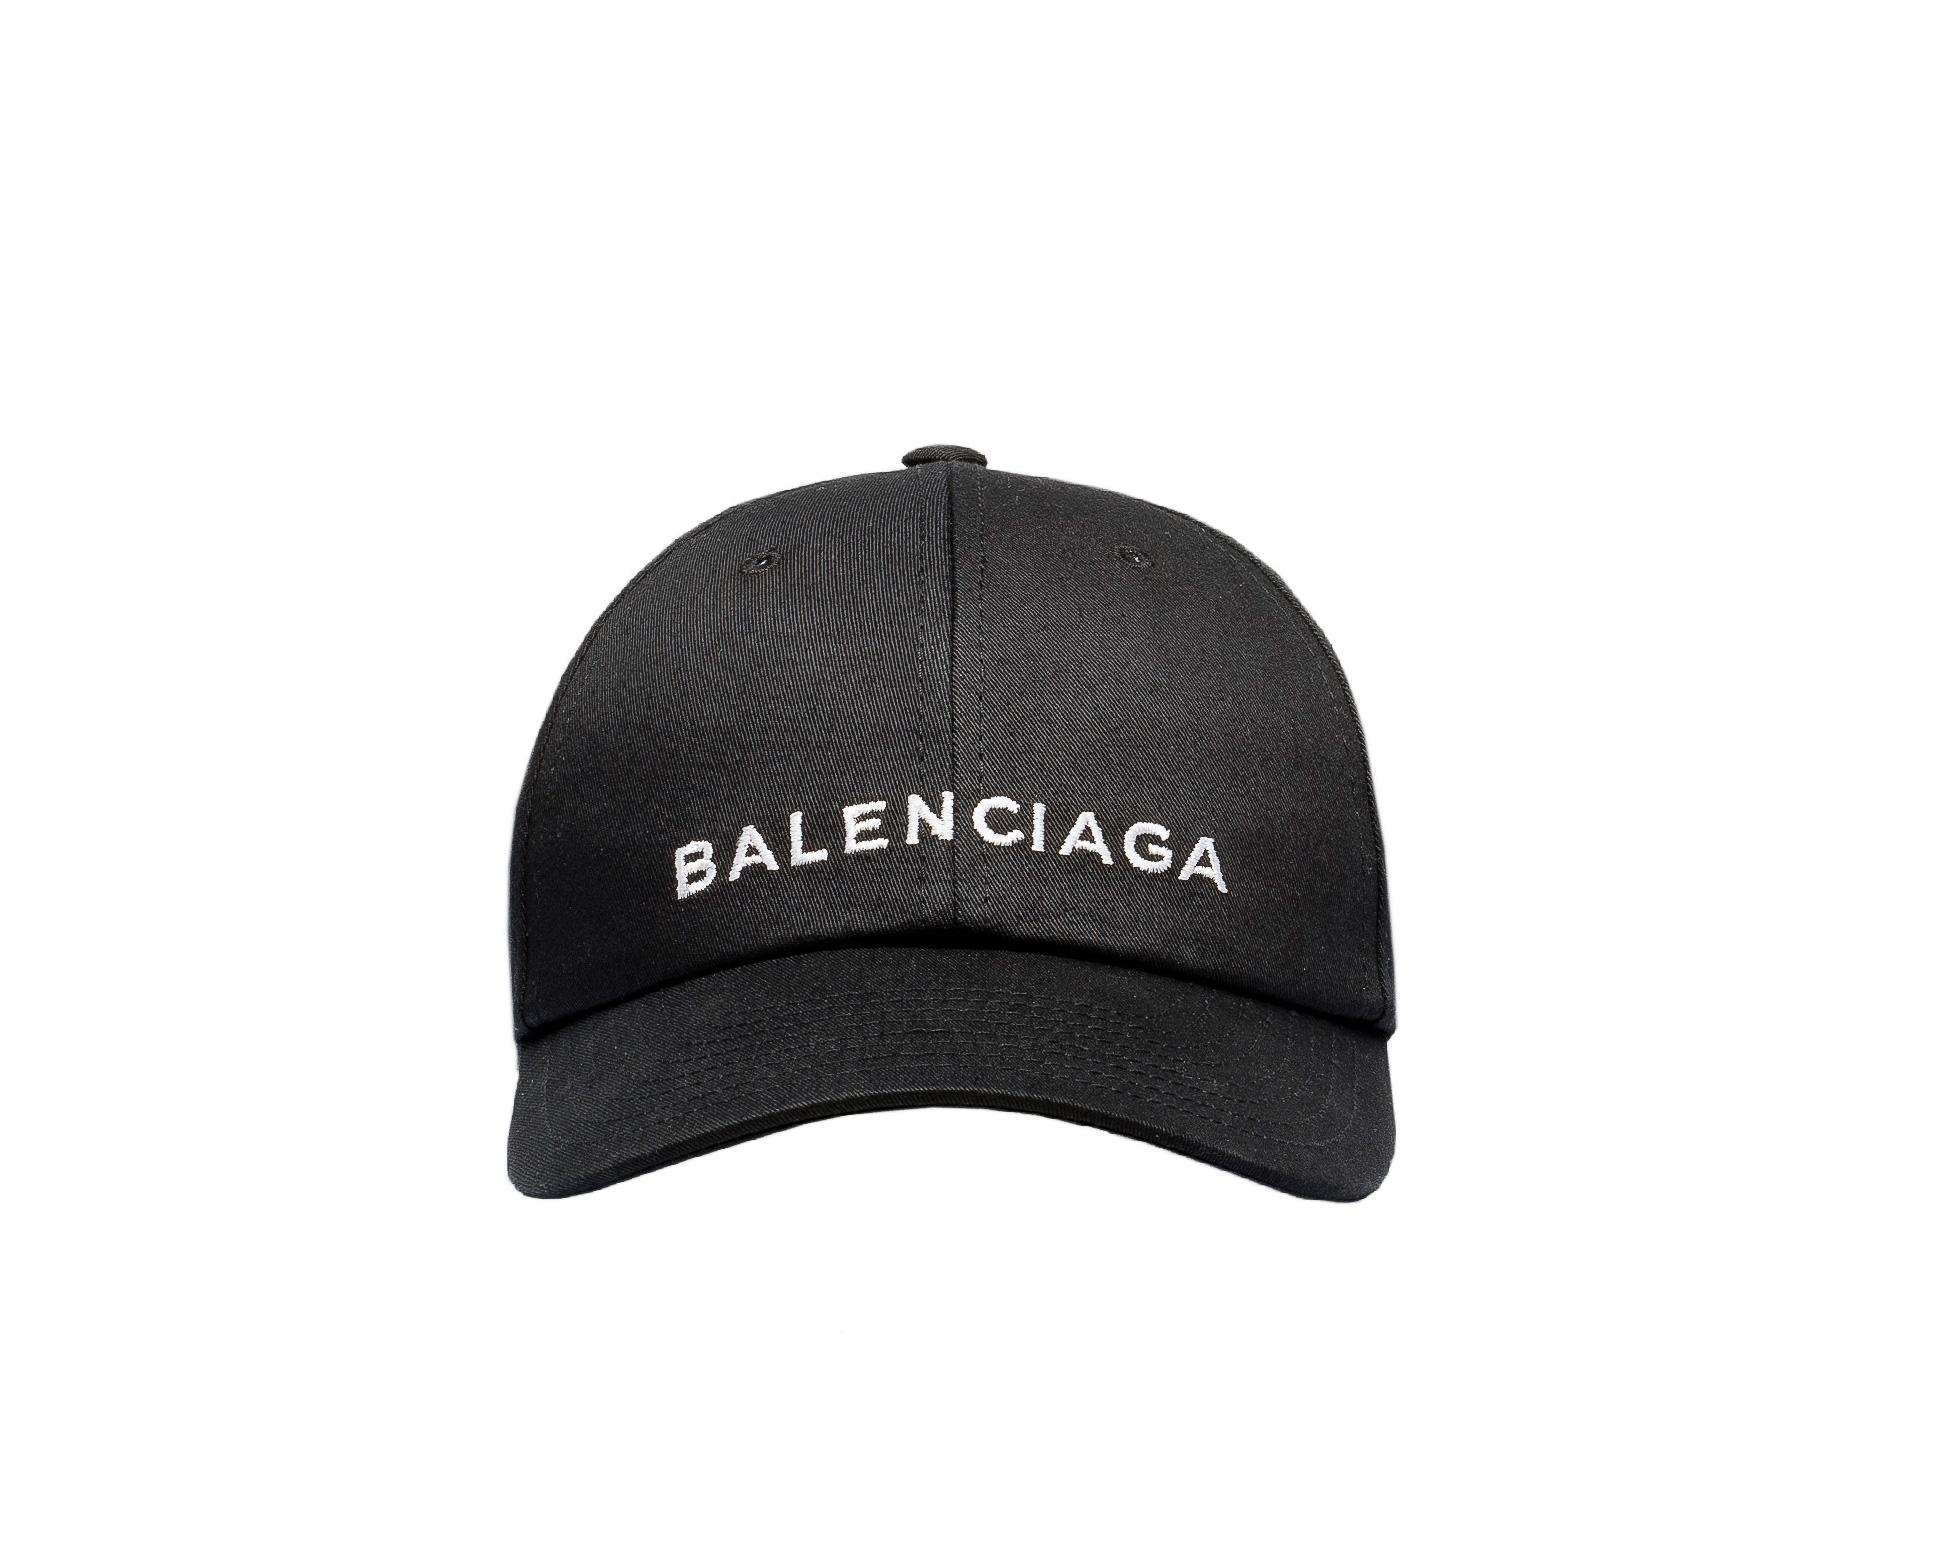 Balenciaga Logo Baseball Cap - nitrolicious.com 7c23722e97d